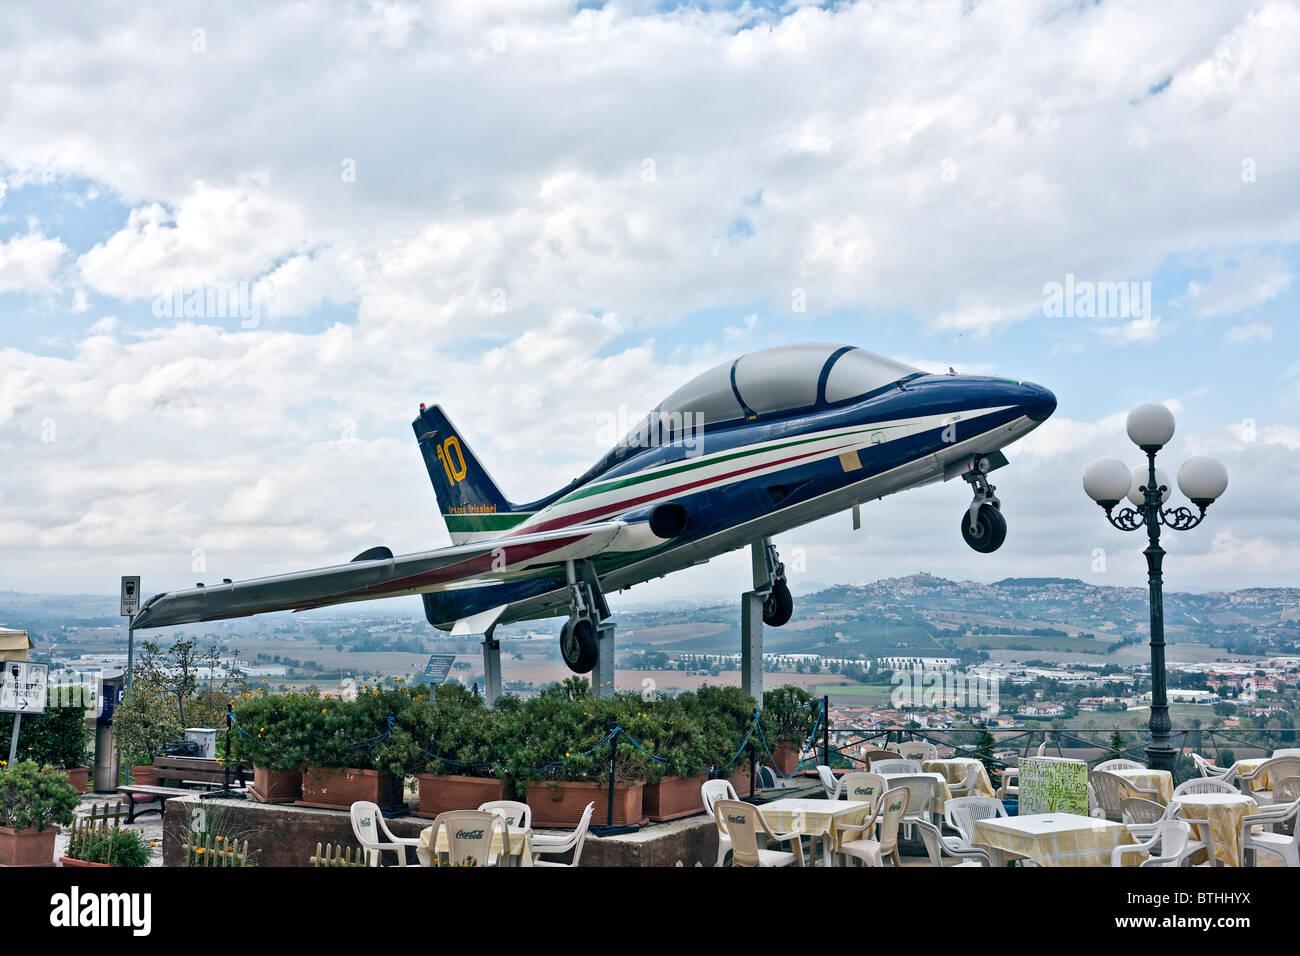 Aermacchi MB-339PAN, Frecce Tricolori, Italian Arcobatic Airforce team, in Loreto, Ancona, Marche, Italy Stock Photo